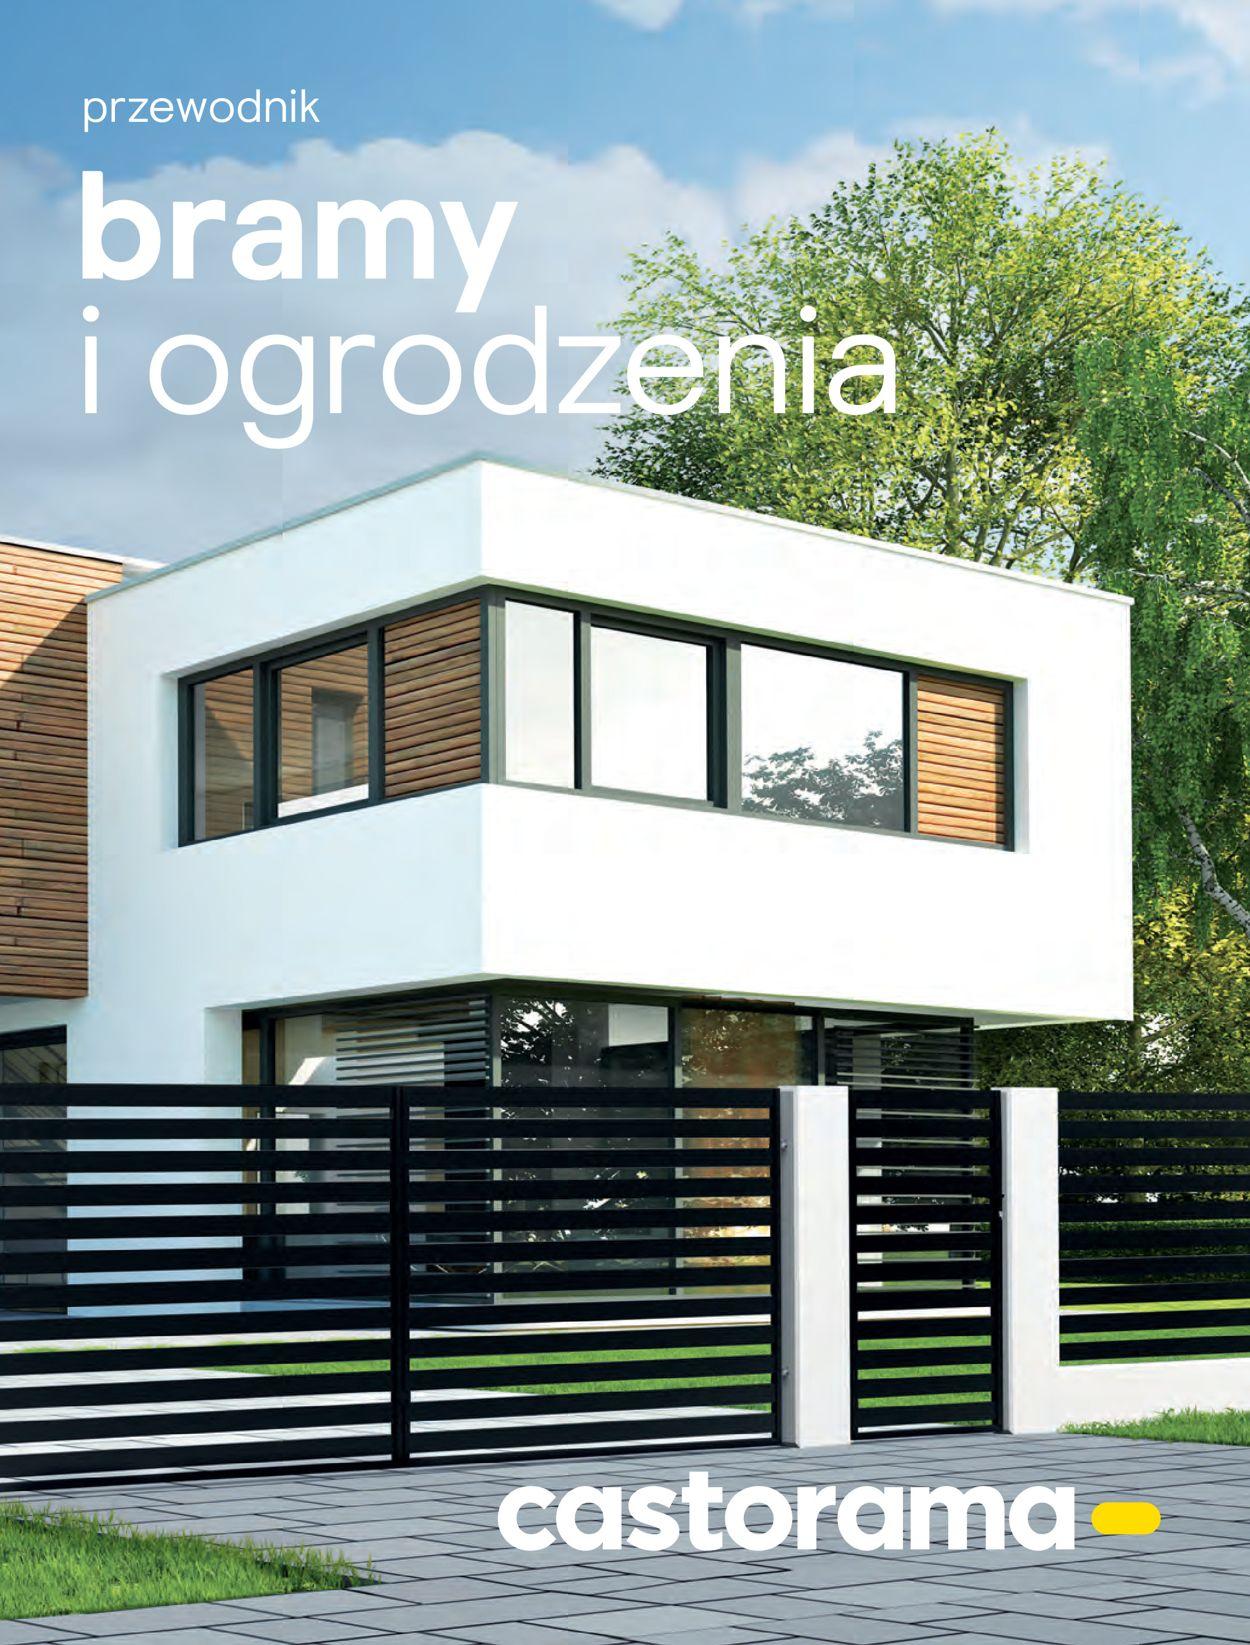 Gazetka promocyjna Castorama - 01.02-30.06.2020